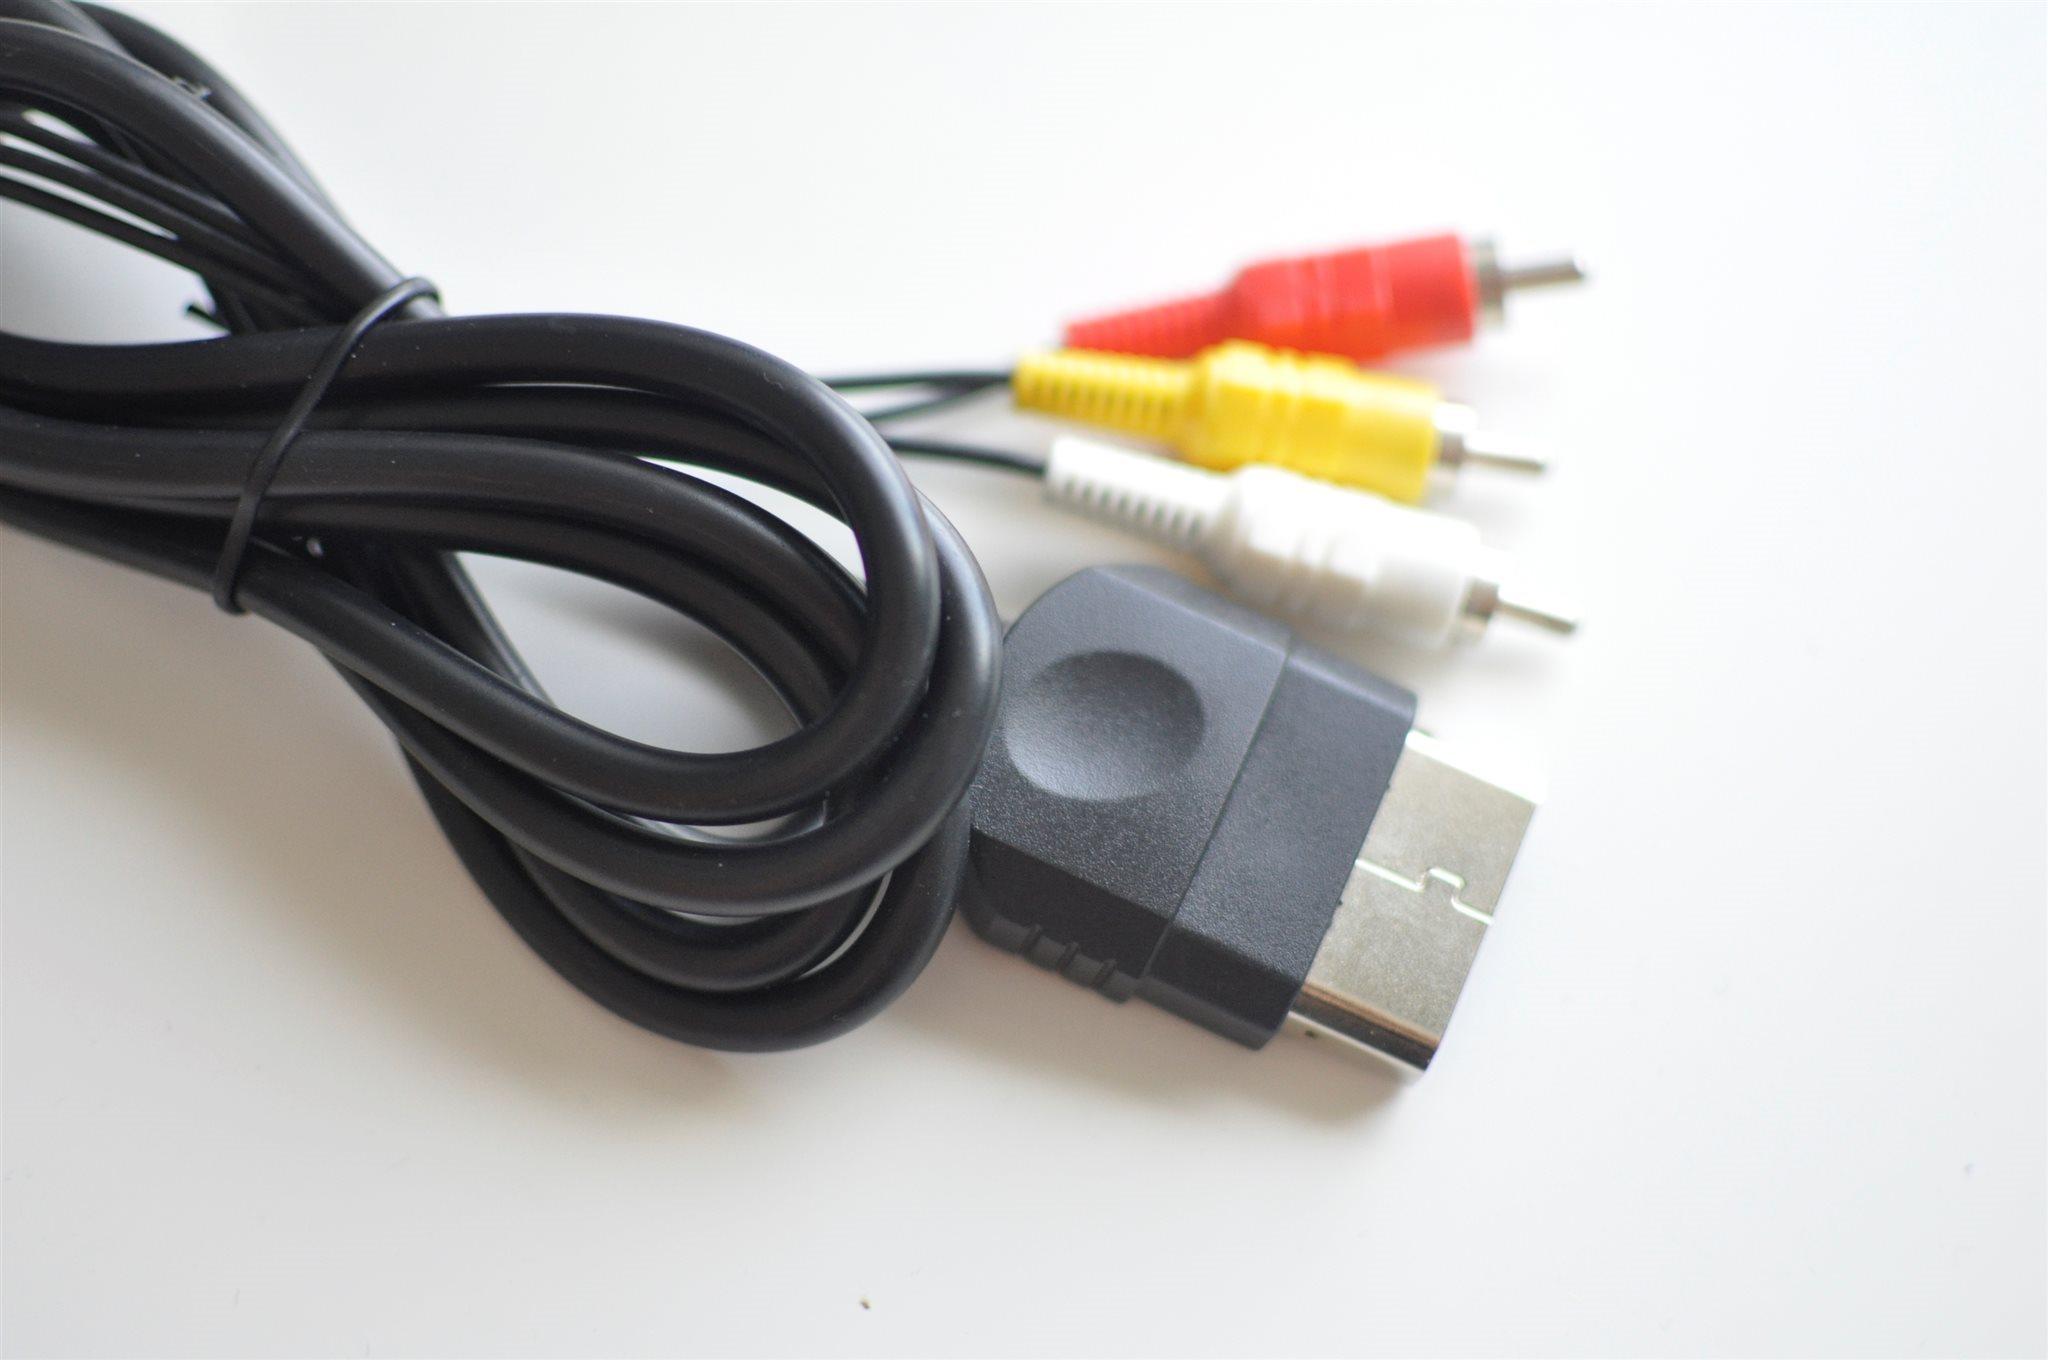 Großzügig Mach Es Selbst Elektrische Verkabelung Fotos ...